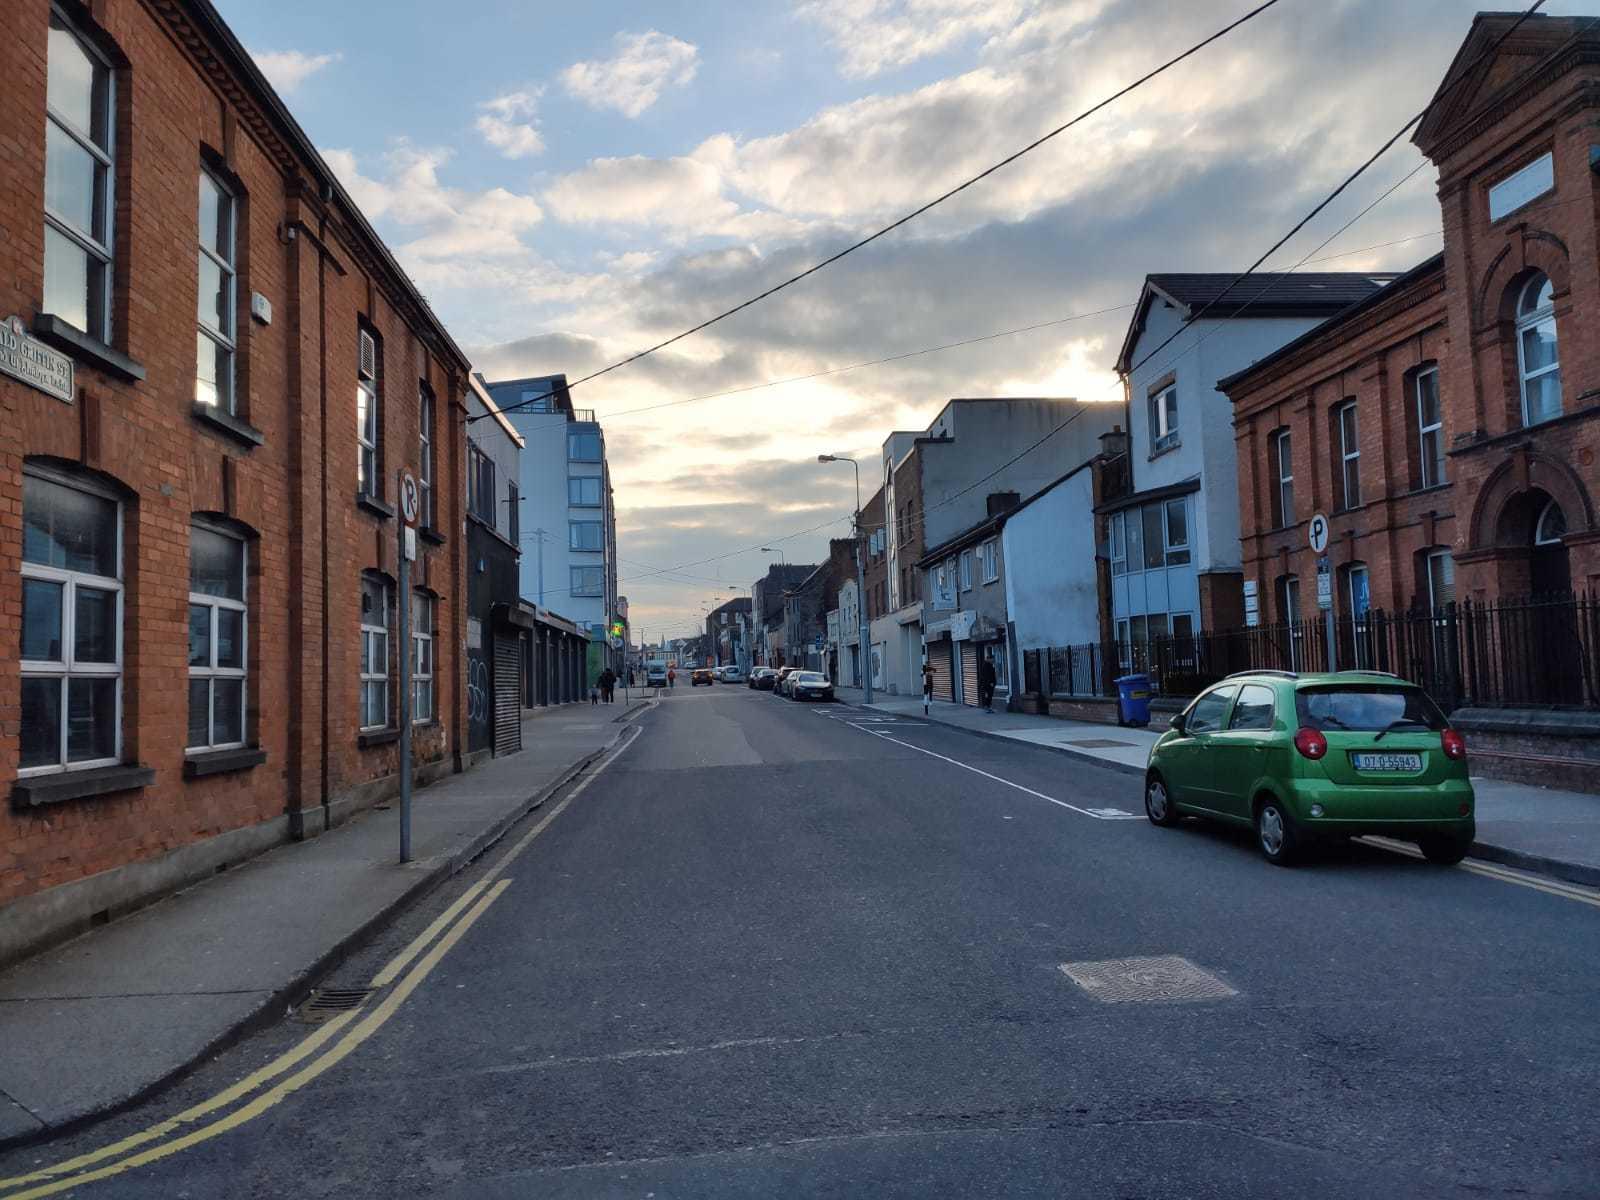 Enquanto ia ao mercado, Gustavo aproveitou para tirar fotos de ruas vazias em Limerick, na Irlanda. (Foto: Arquivo Pessoal/Gustavo Zampieri)